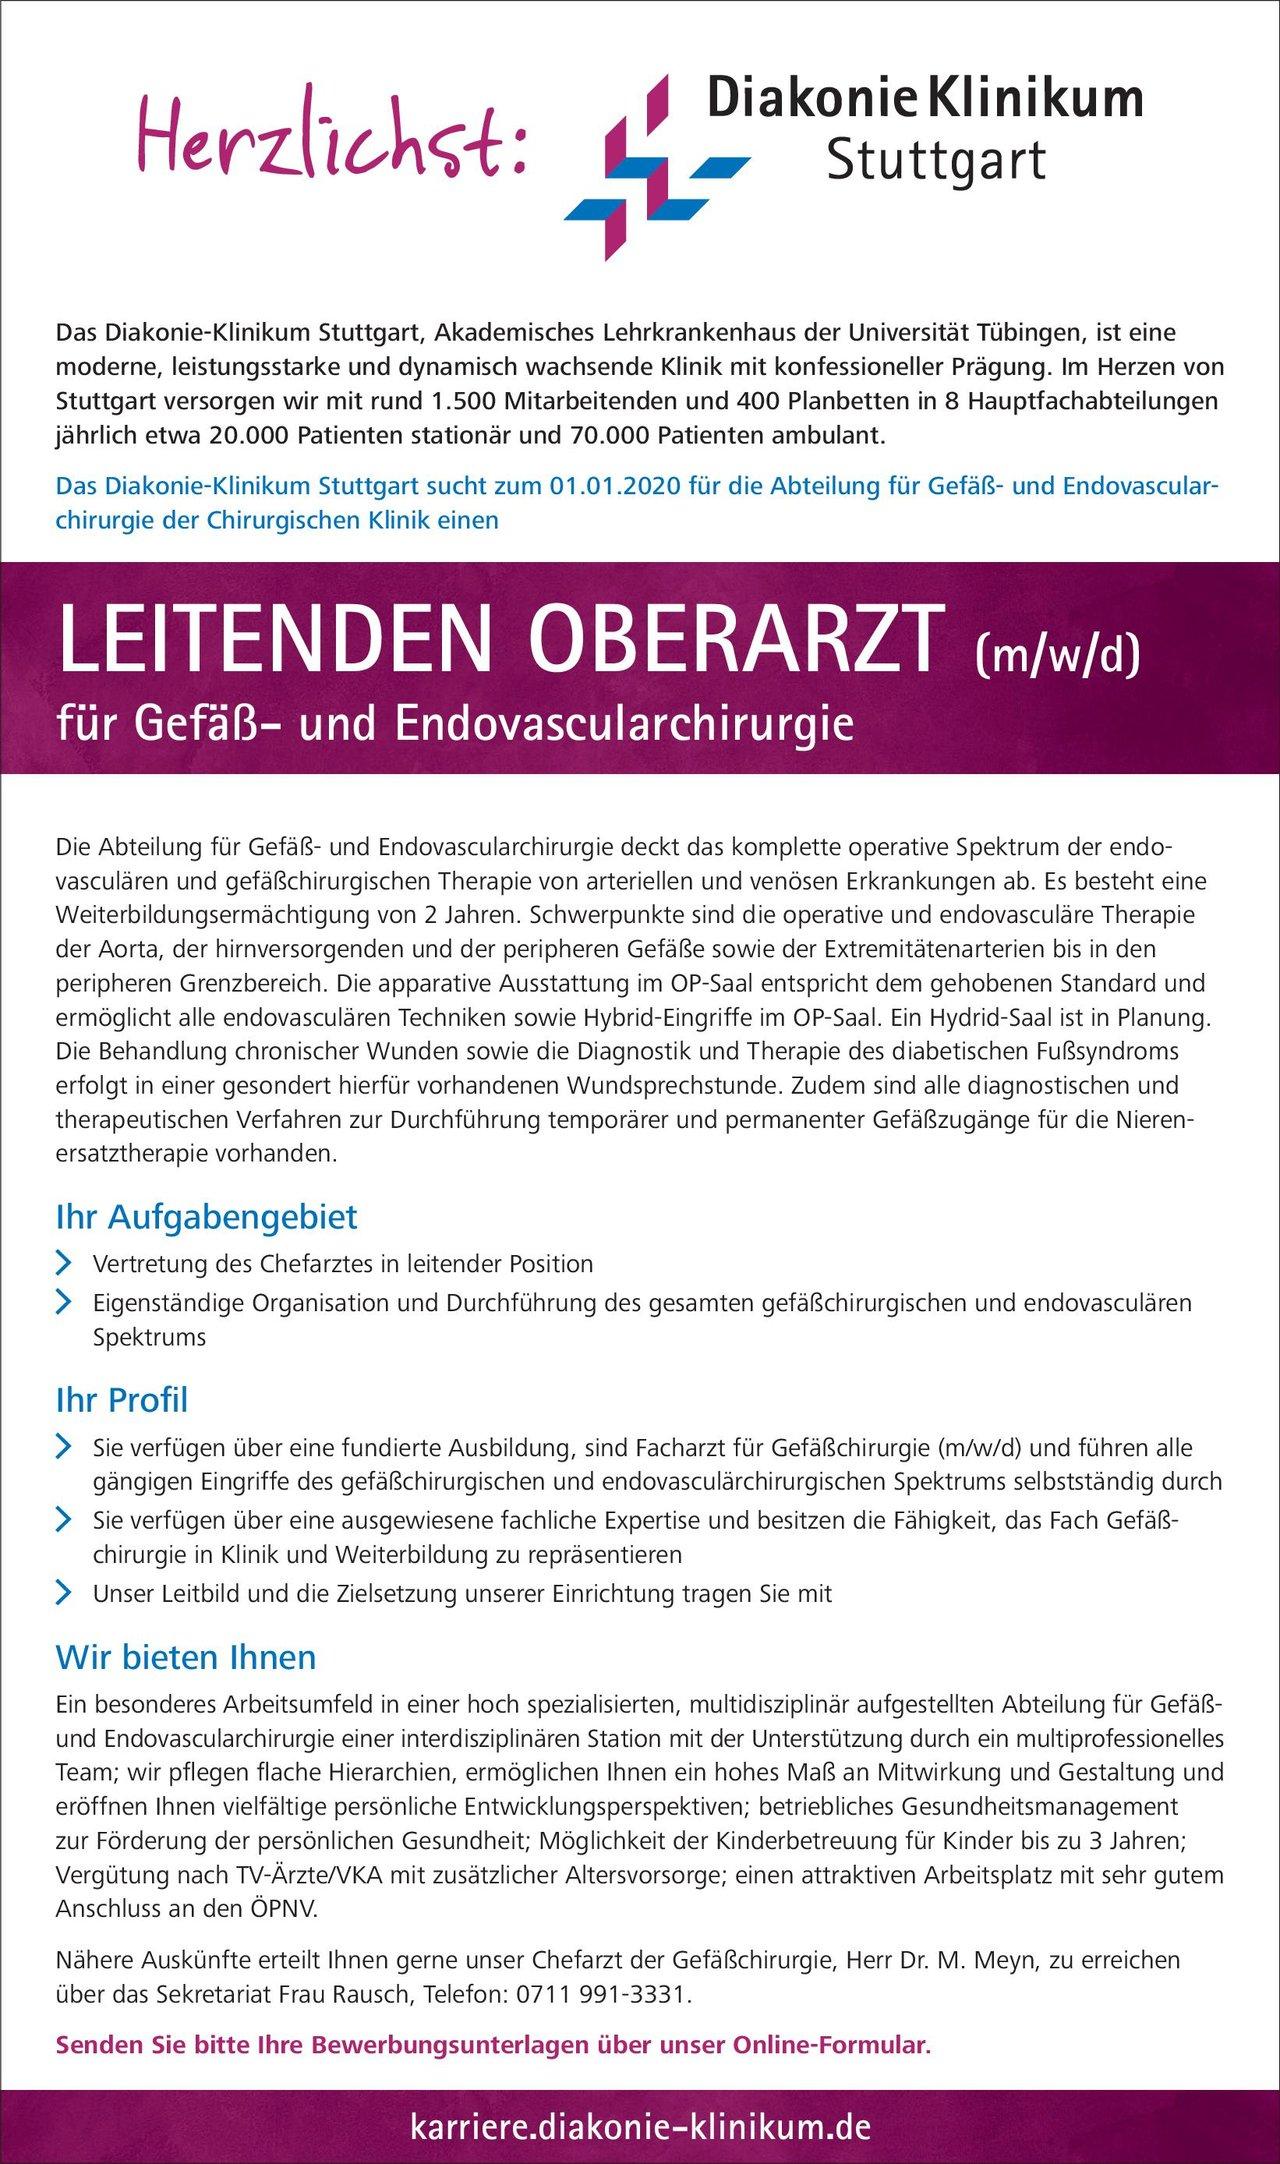 Diakonie Klinikum Stuttgart Leitender Oberarzt (m/w/d) für Gefäß- und Endovascularchirurgie  Gefäßchirurgie, Chirurgie Oberarzt